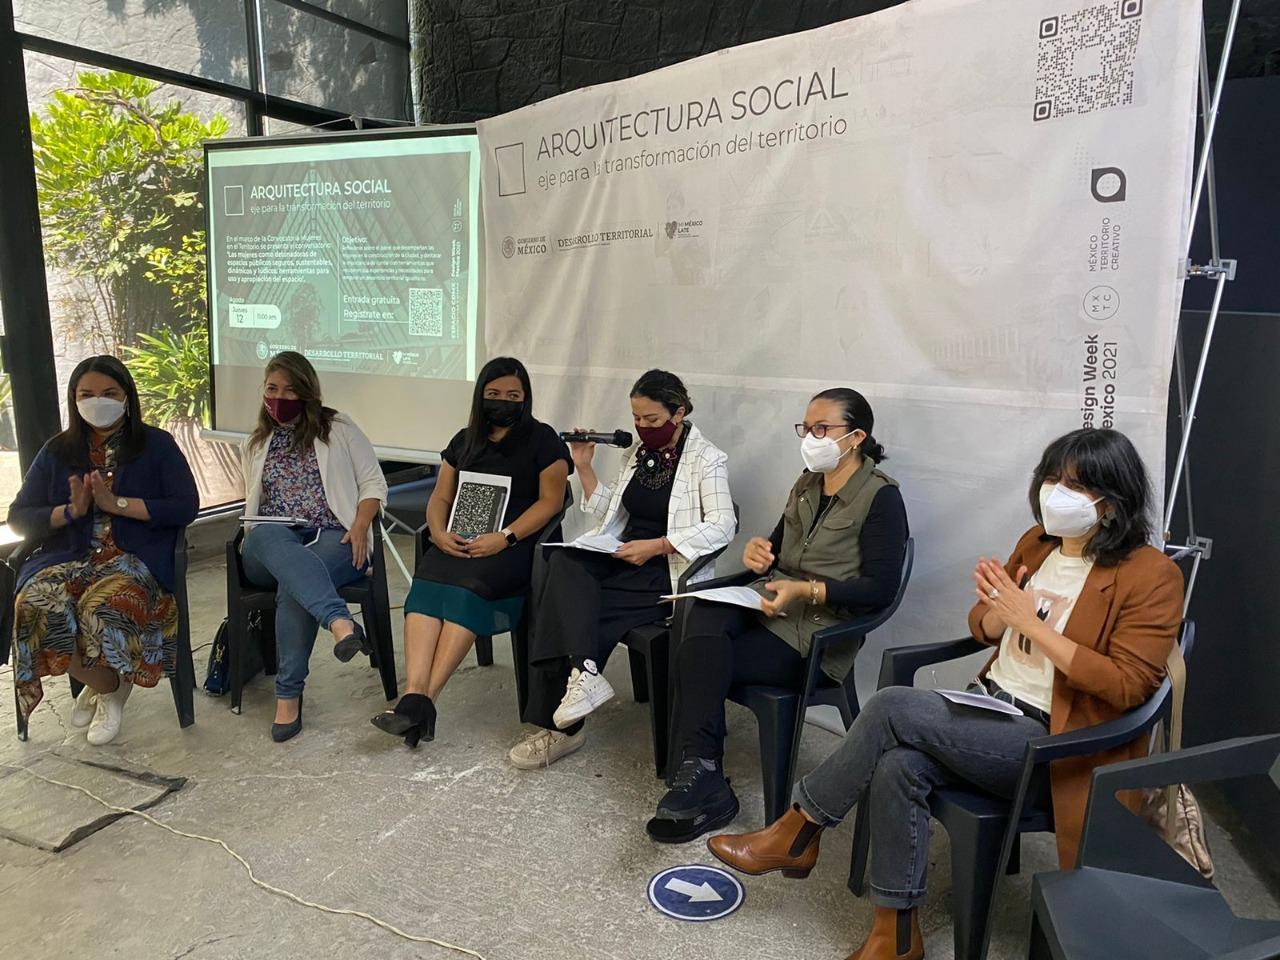 Sedatu presenta guía para activar espacios públicos con perspectiva de género